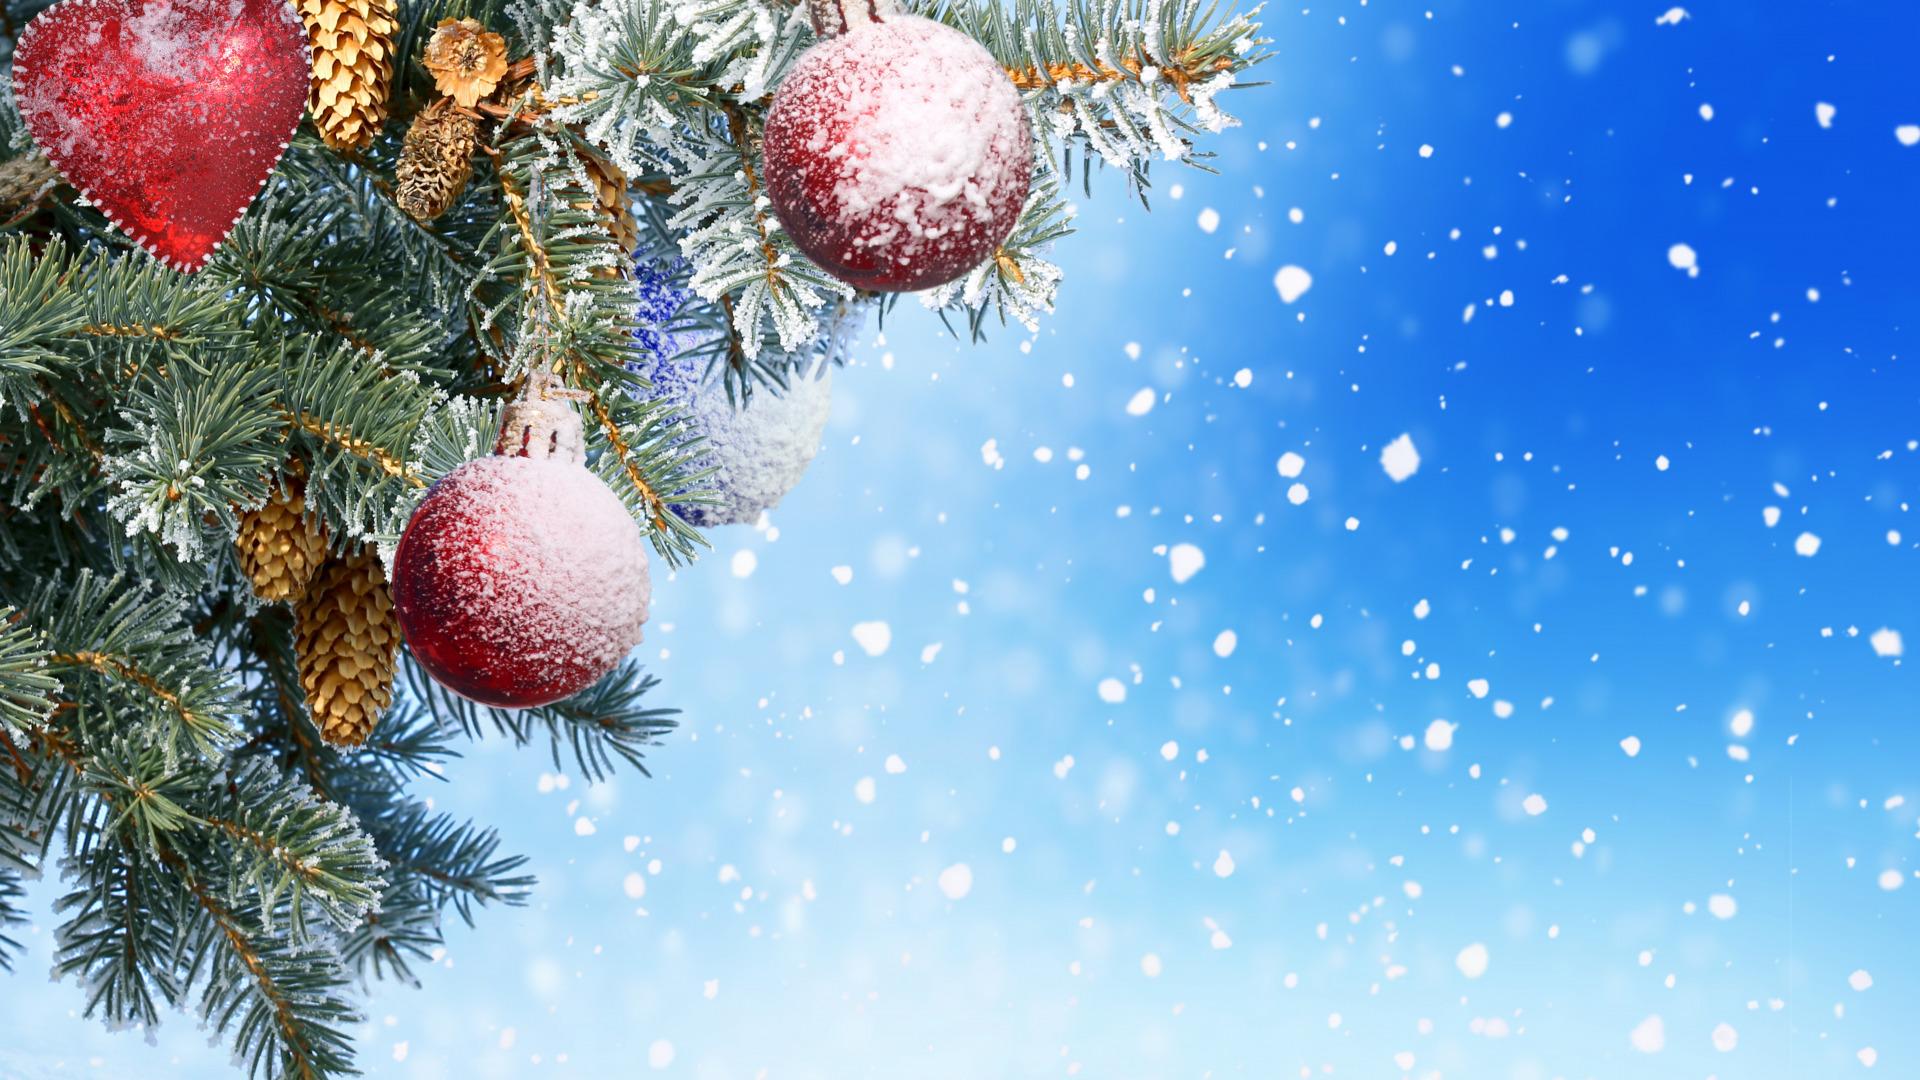 Фон для красивой открытки с новым годом